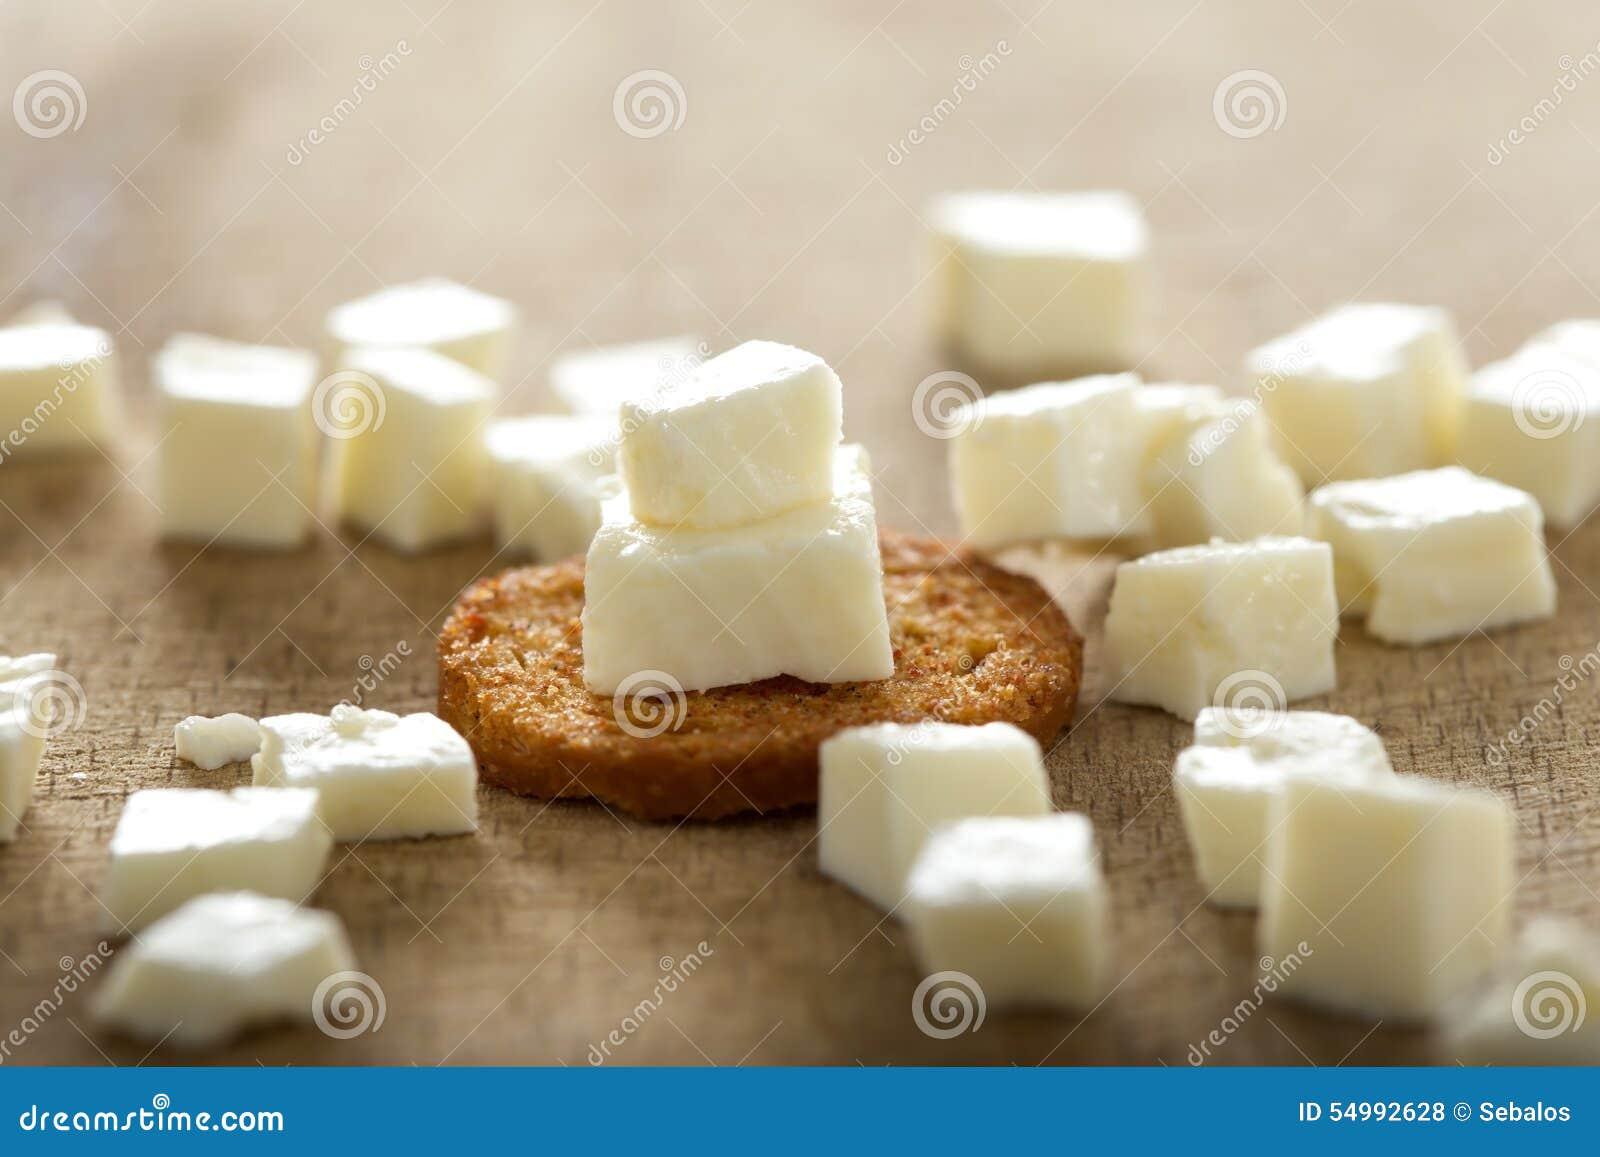 Antipasto med ost